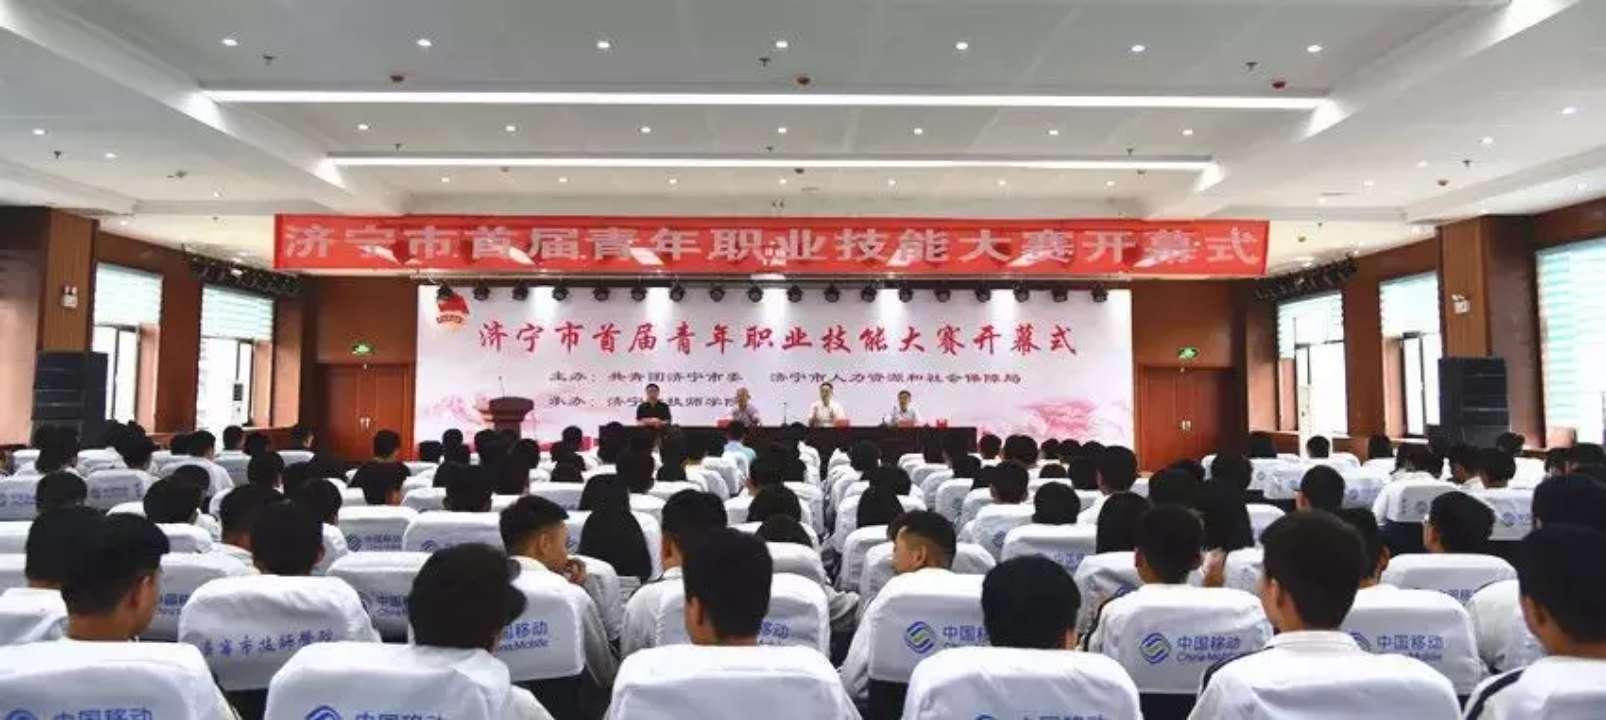 济宁市举办首届青年职业技能大赛 136名选手同场竞技